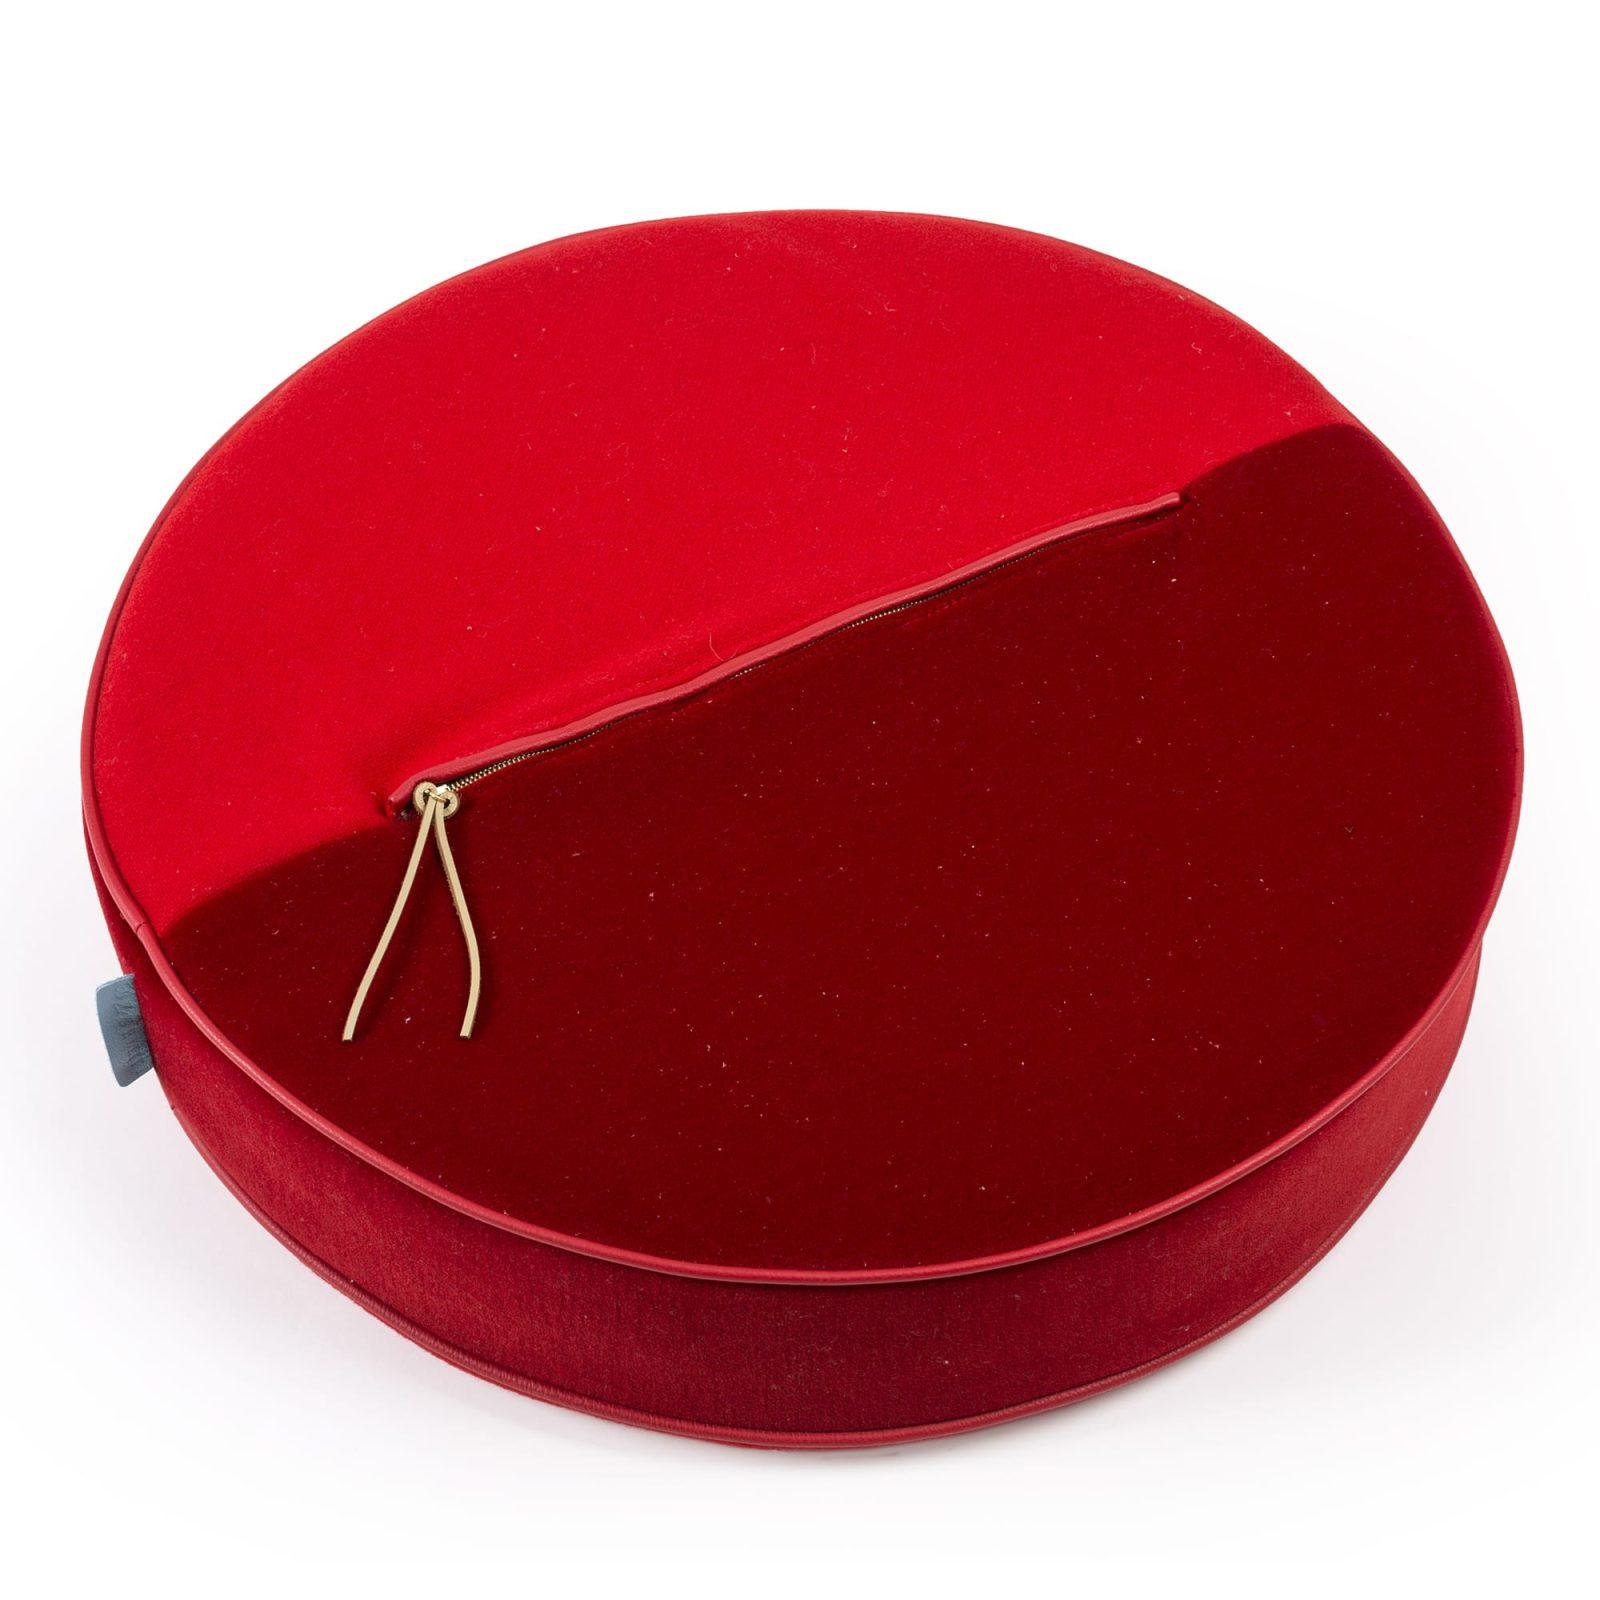 tomato-pillow-studio-job-seletti-7